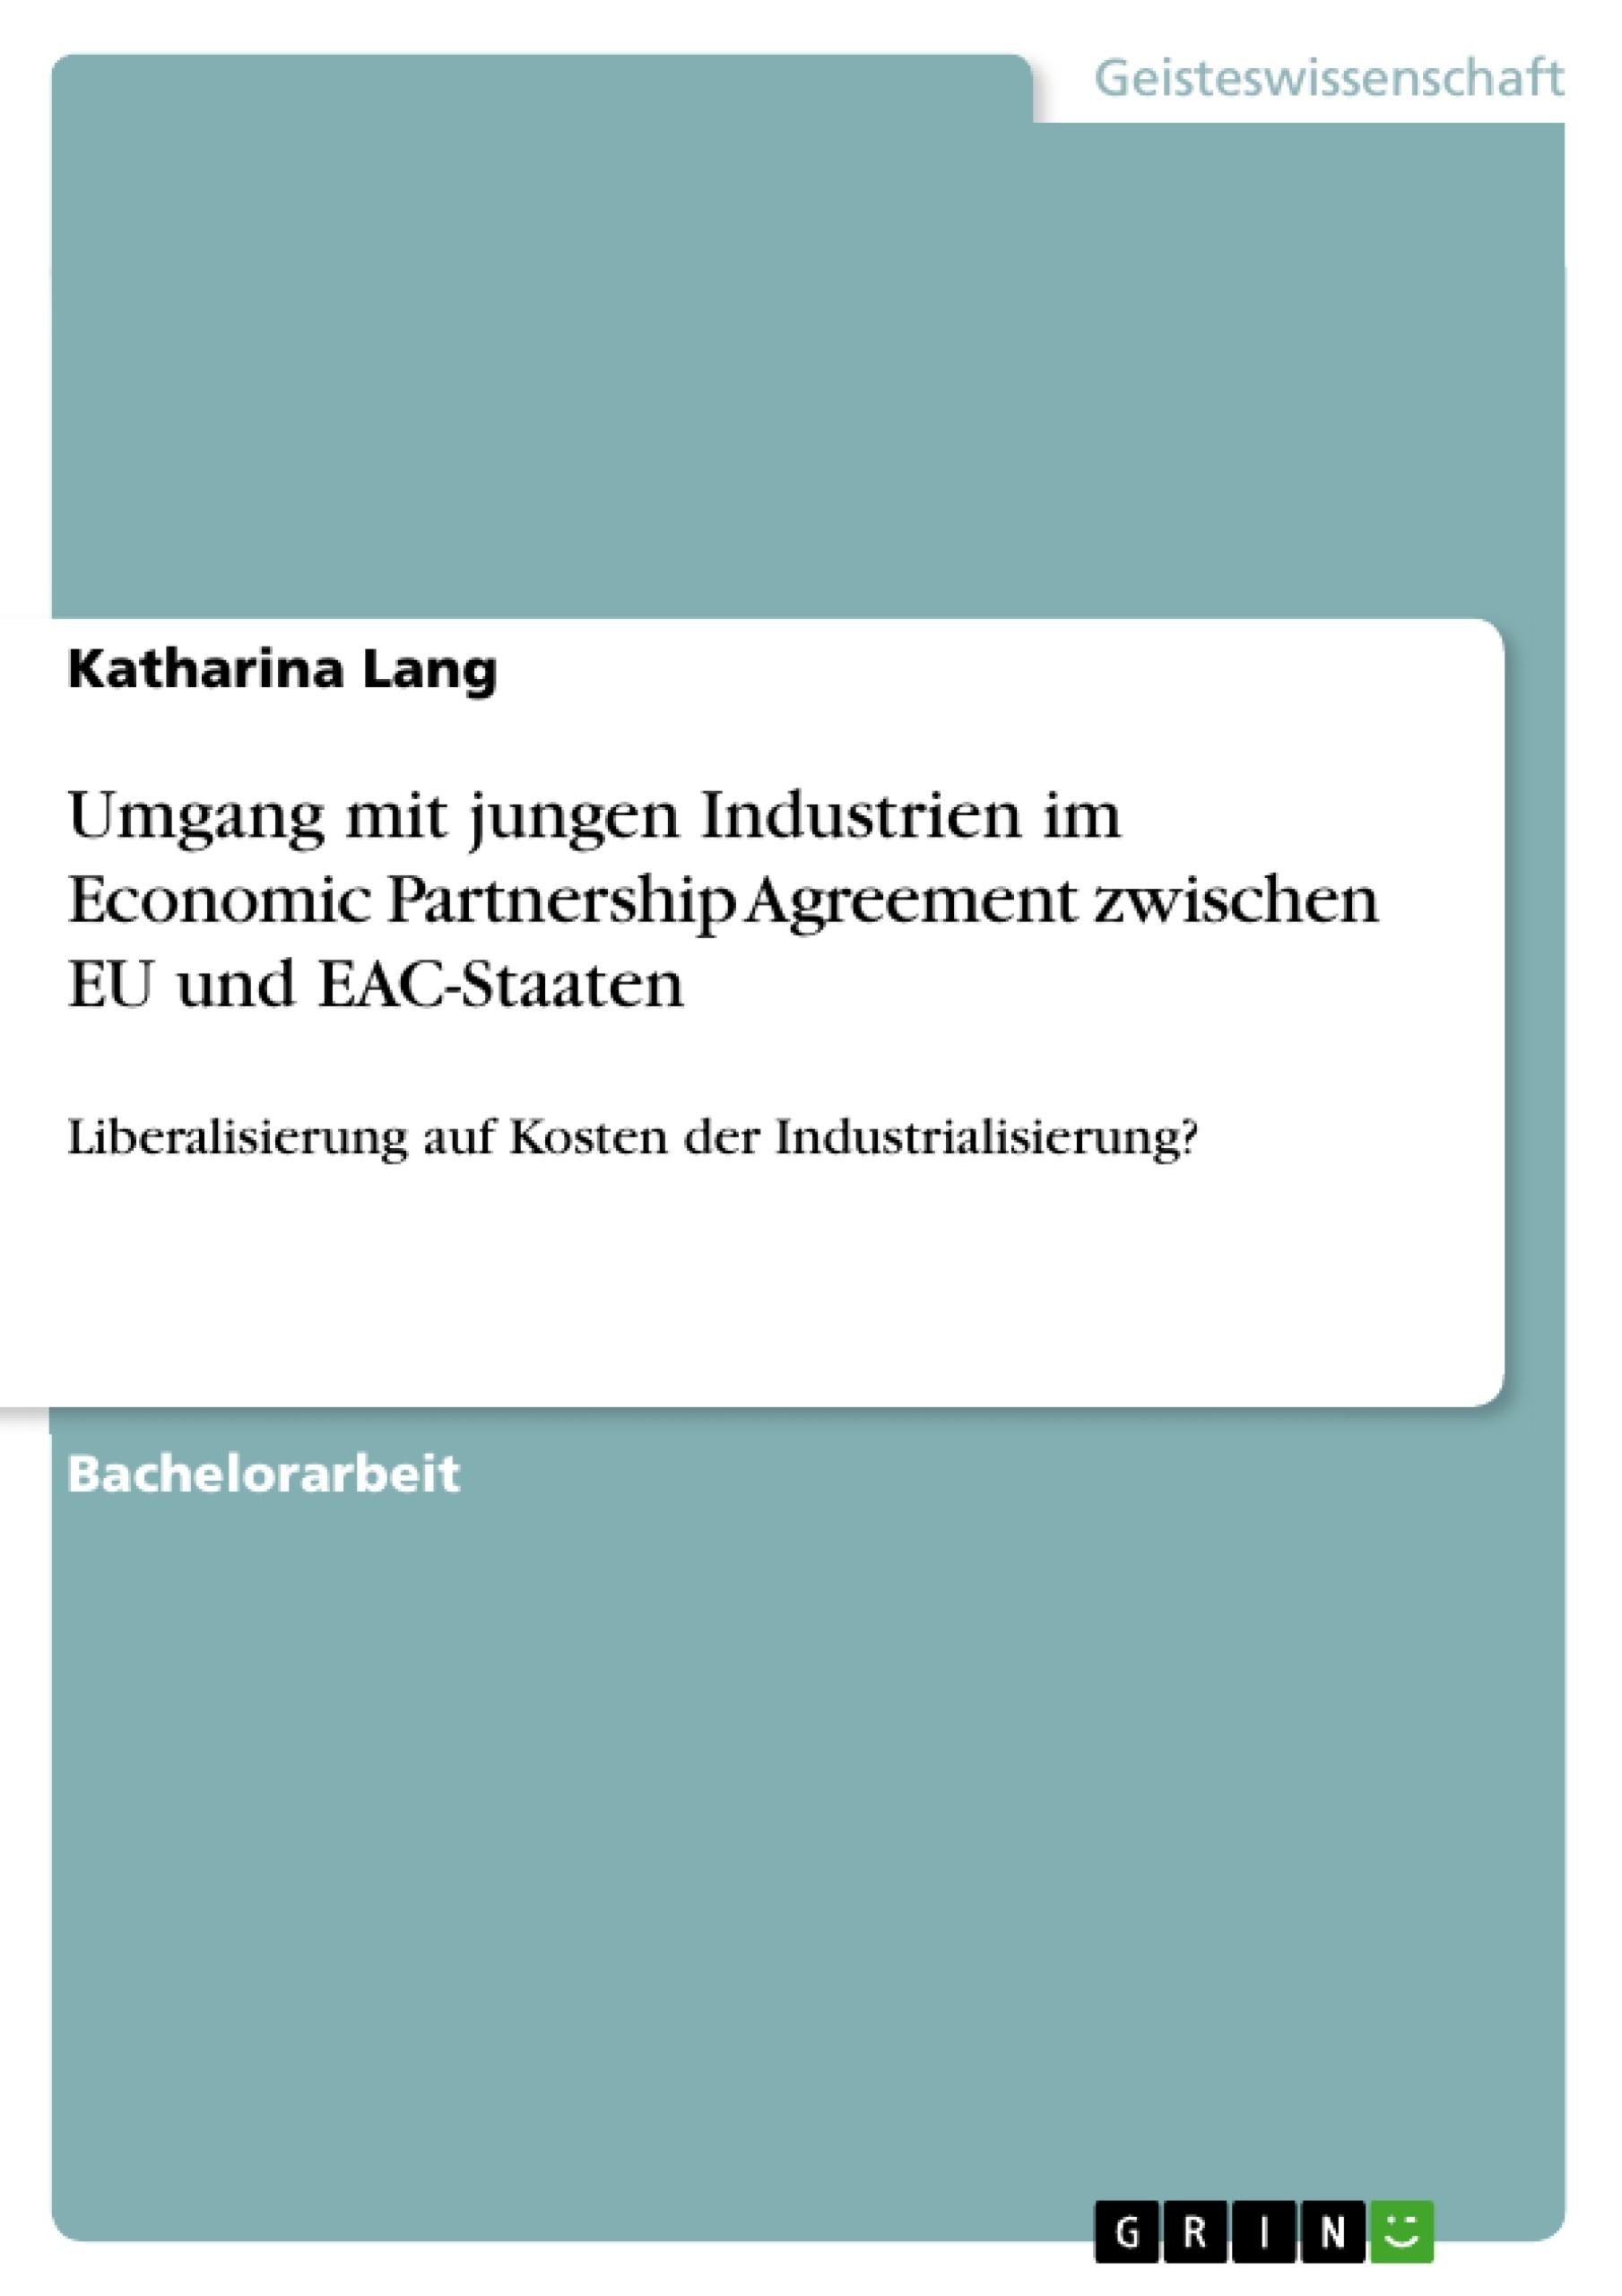 Titel: Umgang mit jungen Industrien im Economic Partnership Agreement zwischen EU und EAC-Staaten